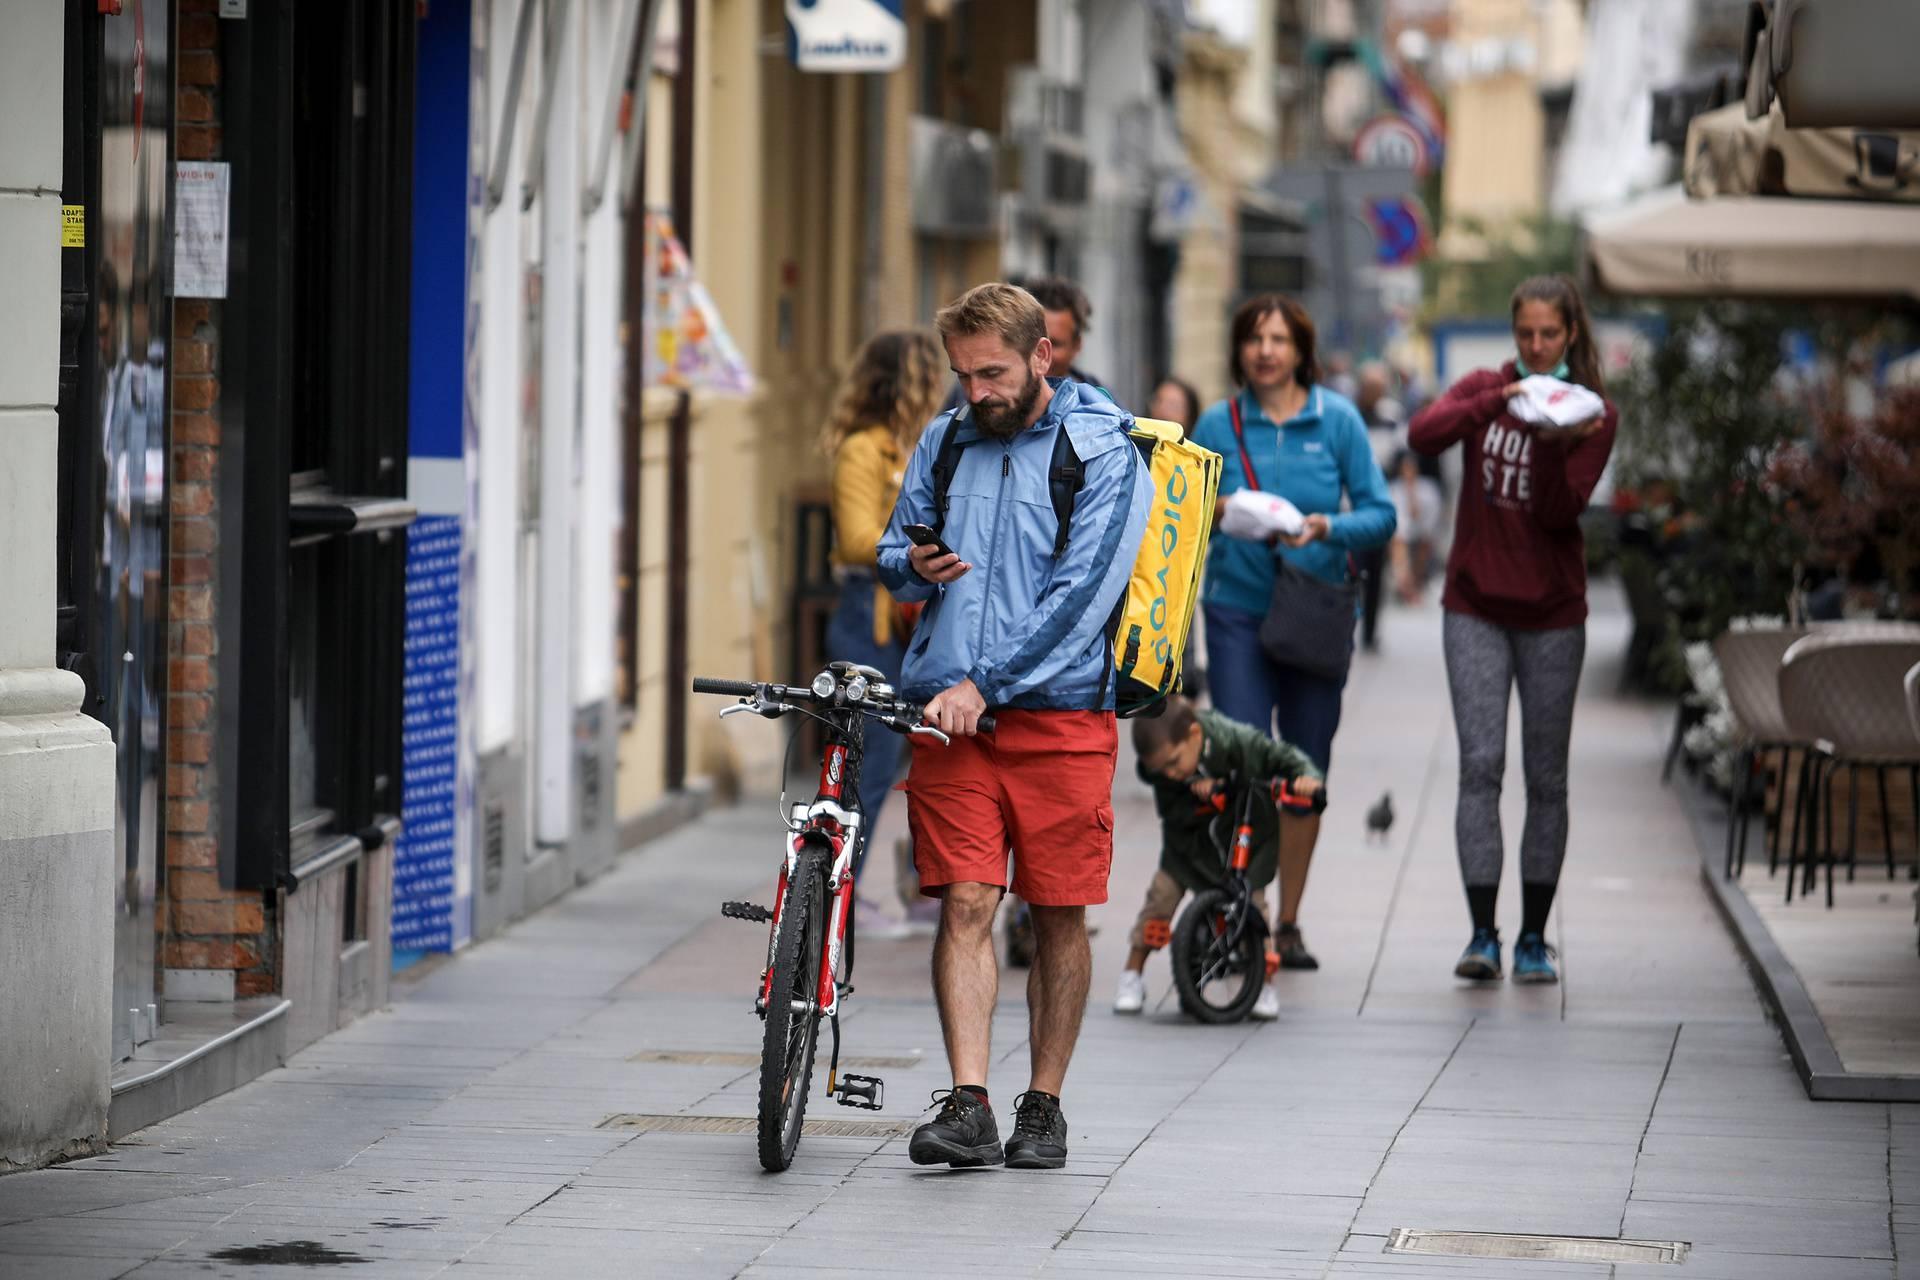 Zagreb: Prohladno i promjenjivo vrijeme navelo je građane na topliju odjeću